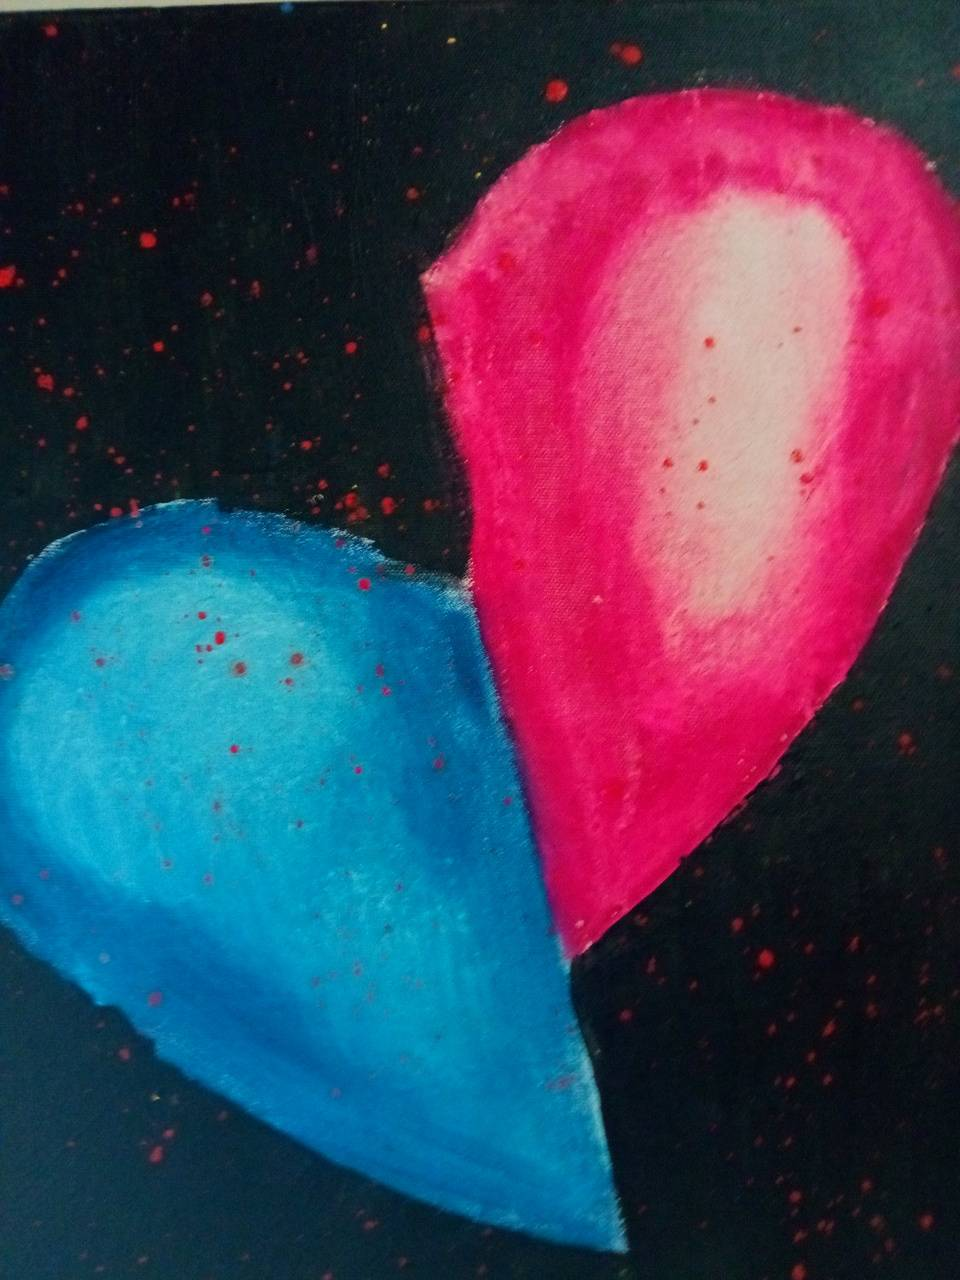 Wierd heart